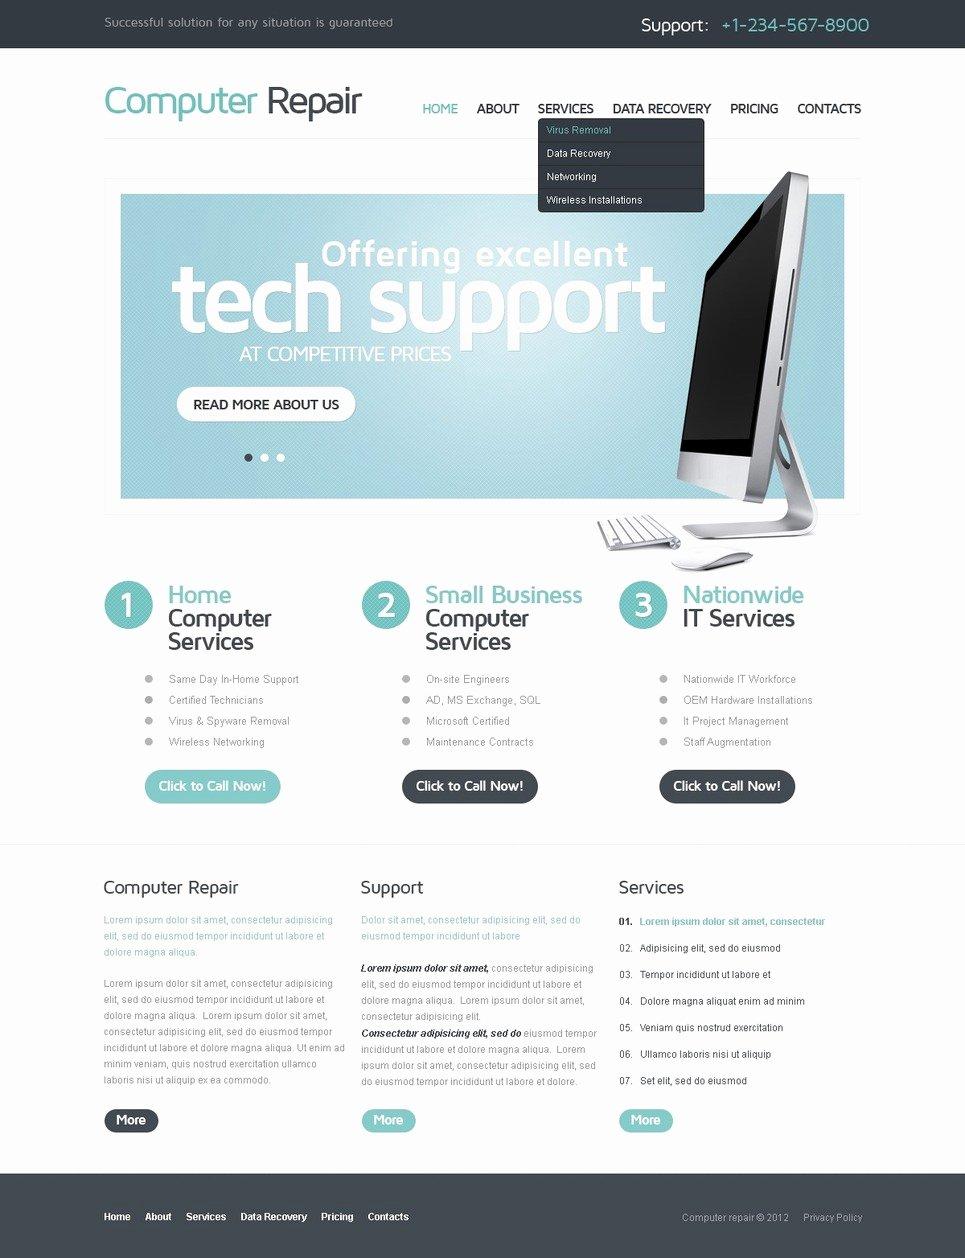 Computer Repair Website Template Elegant Puter Repair Website Template